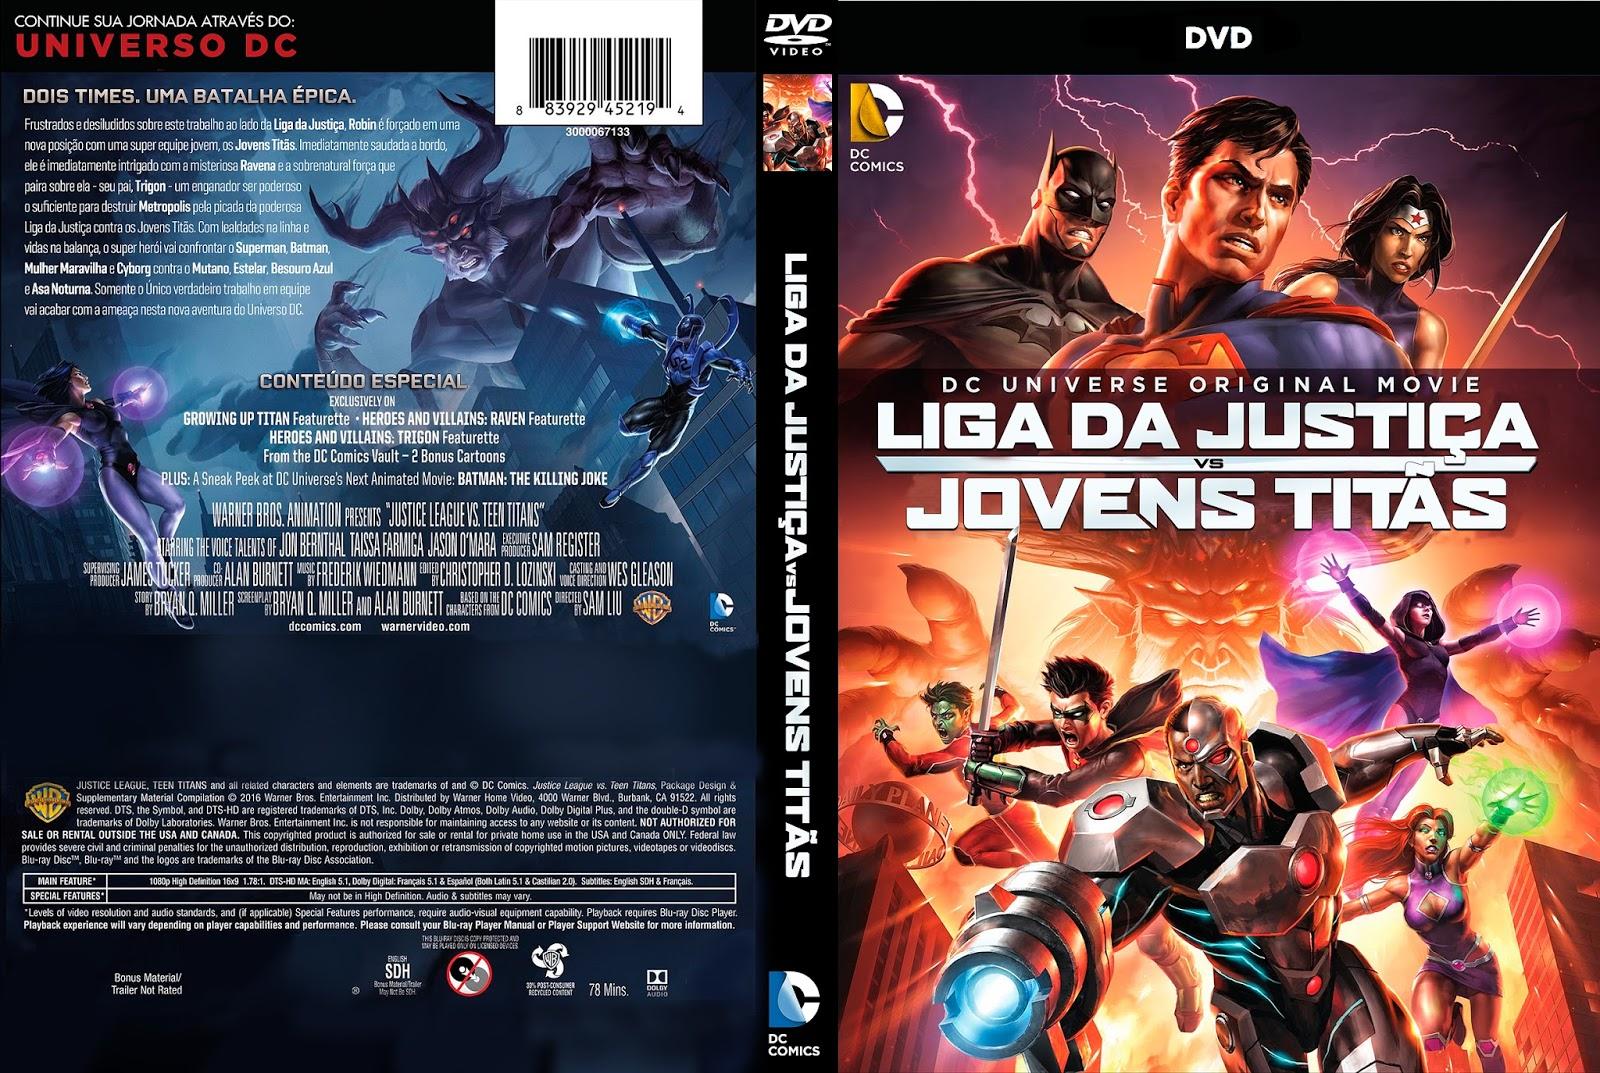 Animações: Marvel e DC Liga%2BDa%2BJusti%25C3%25A7a%2BVs%2BJovens%2BTit%25C3%25A3s.2